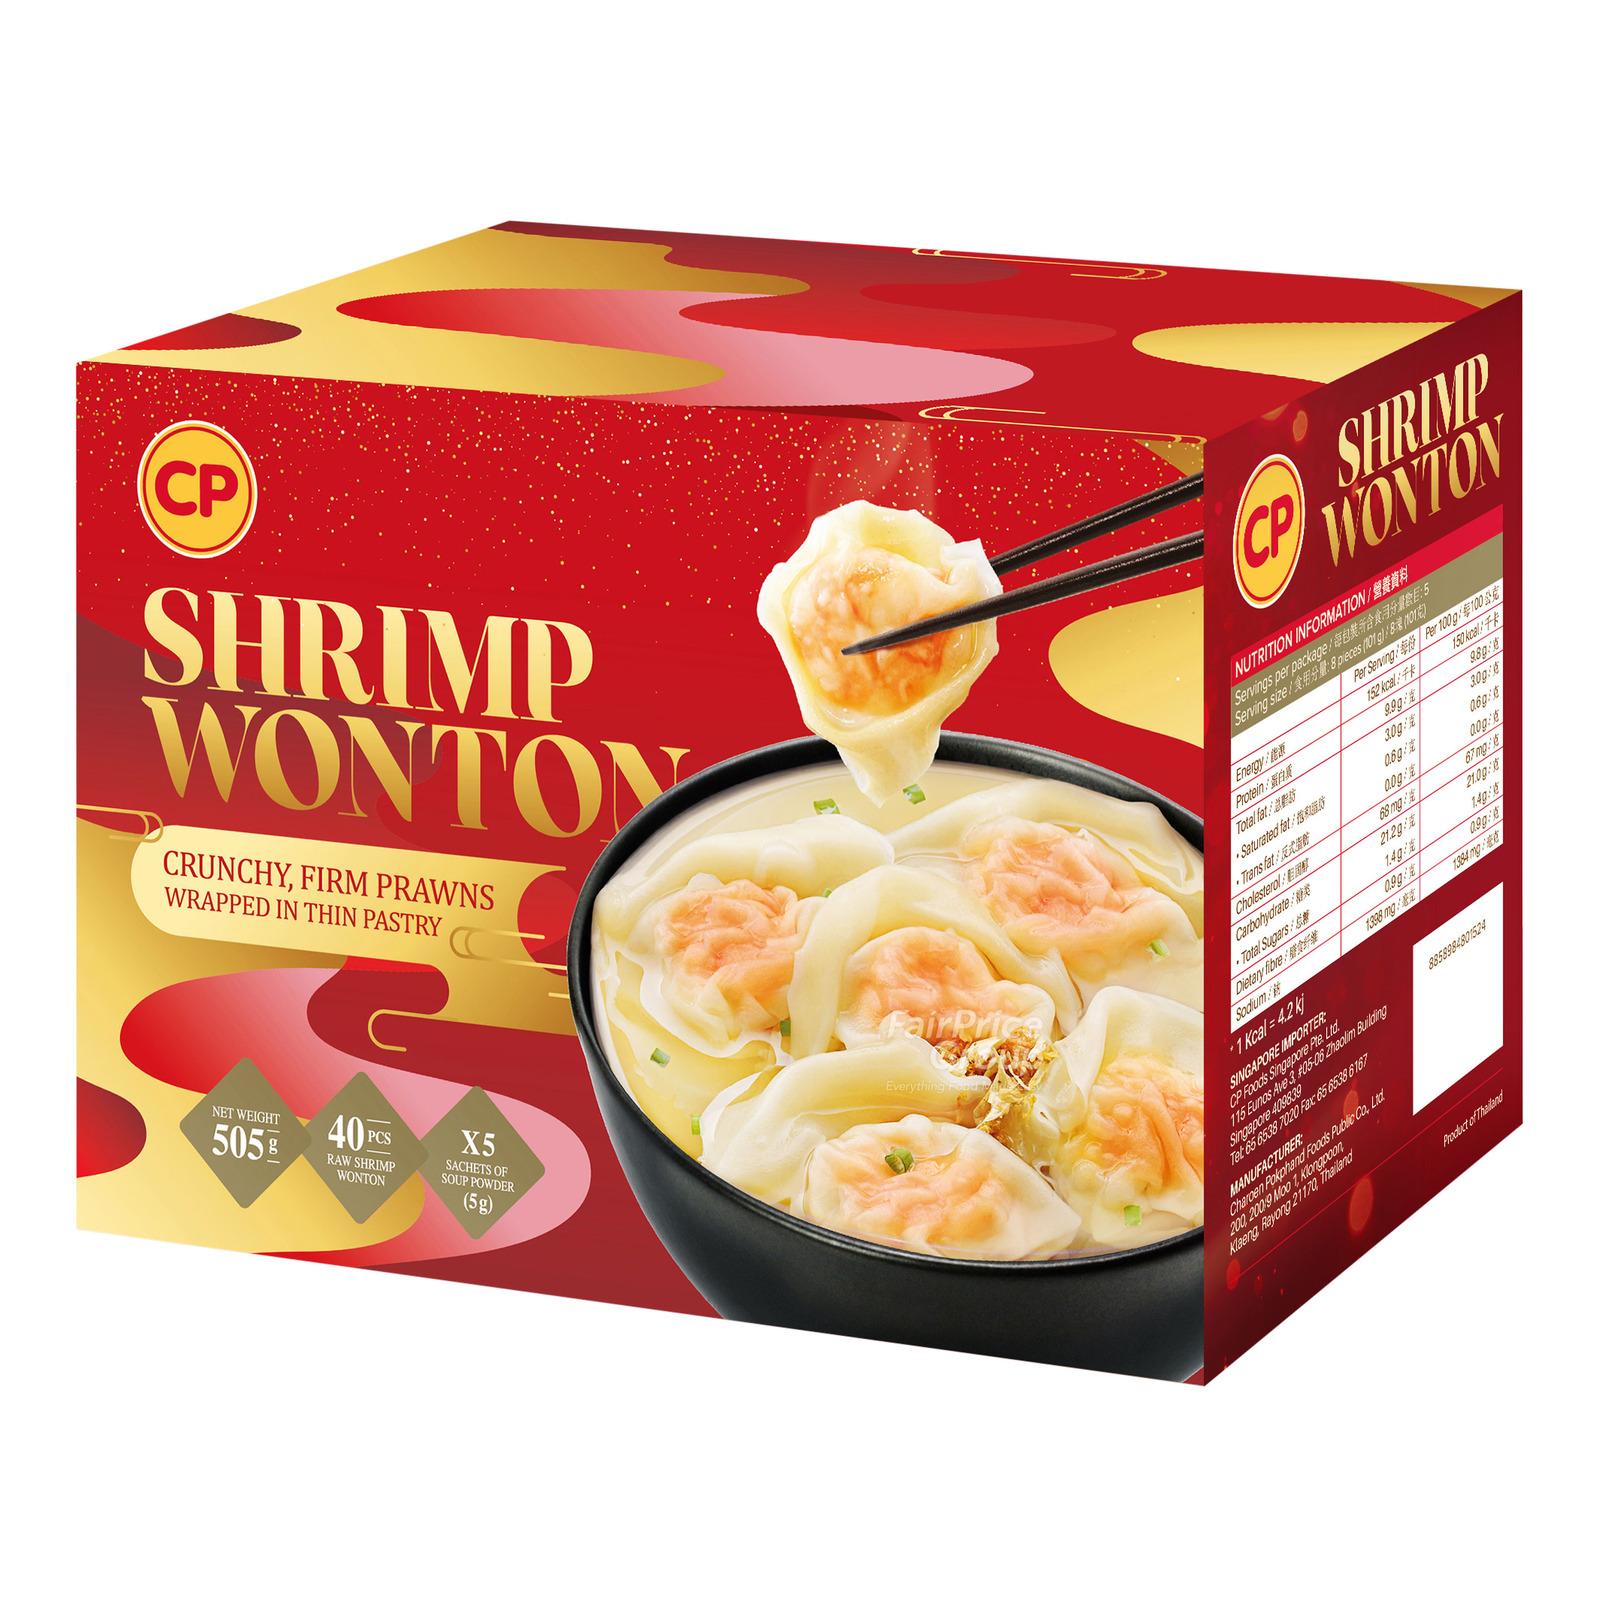 CP Shrimp Wonton (Festive)